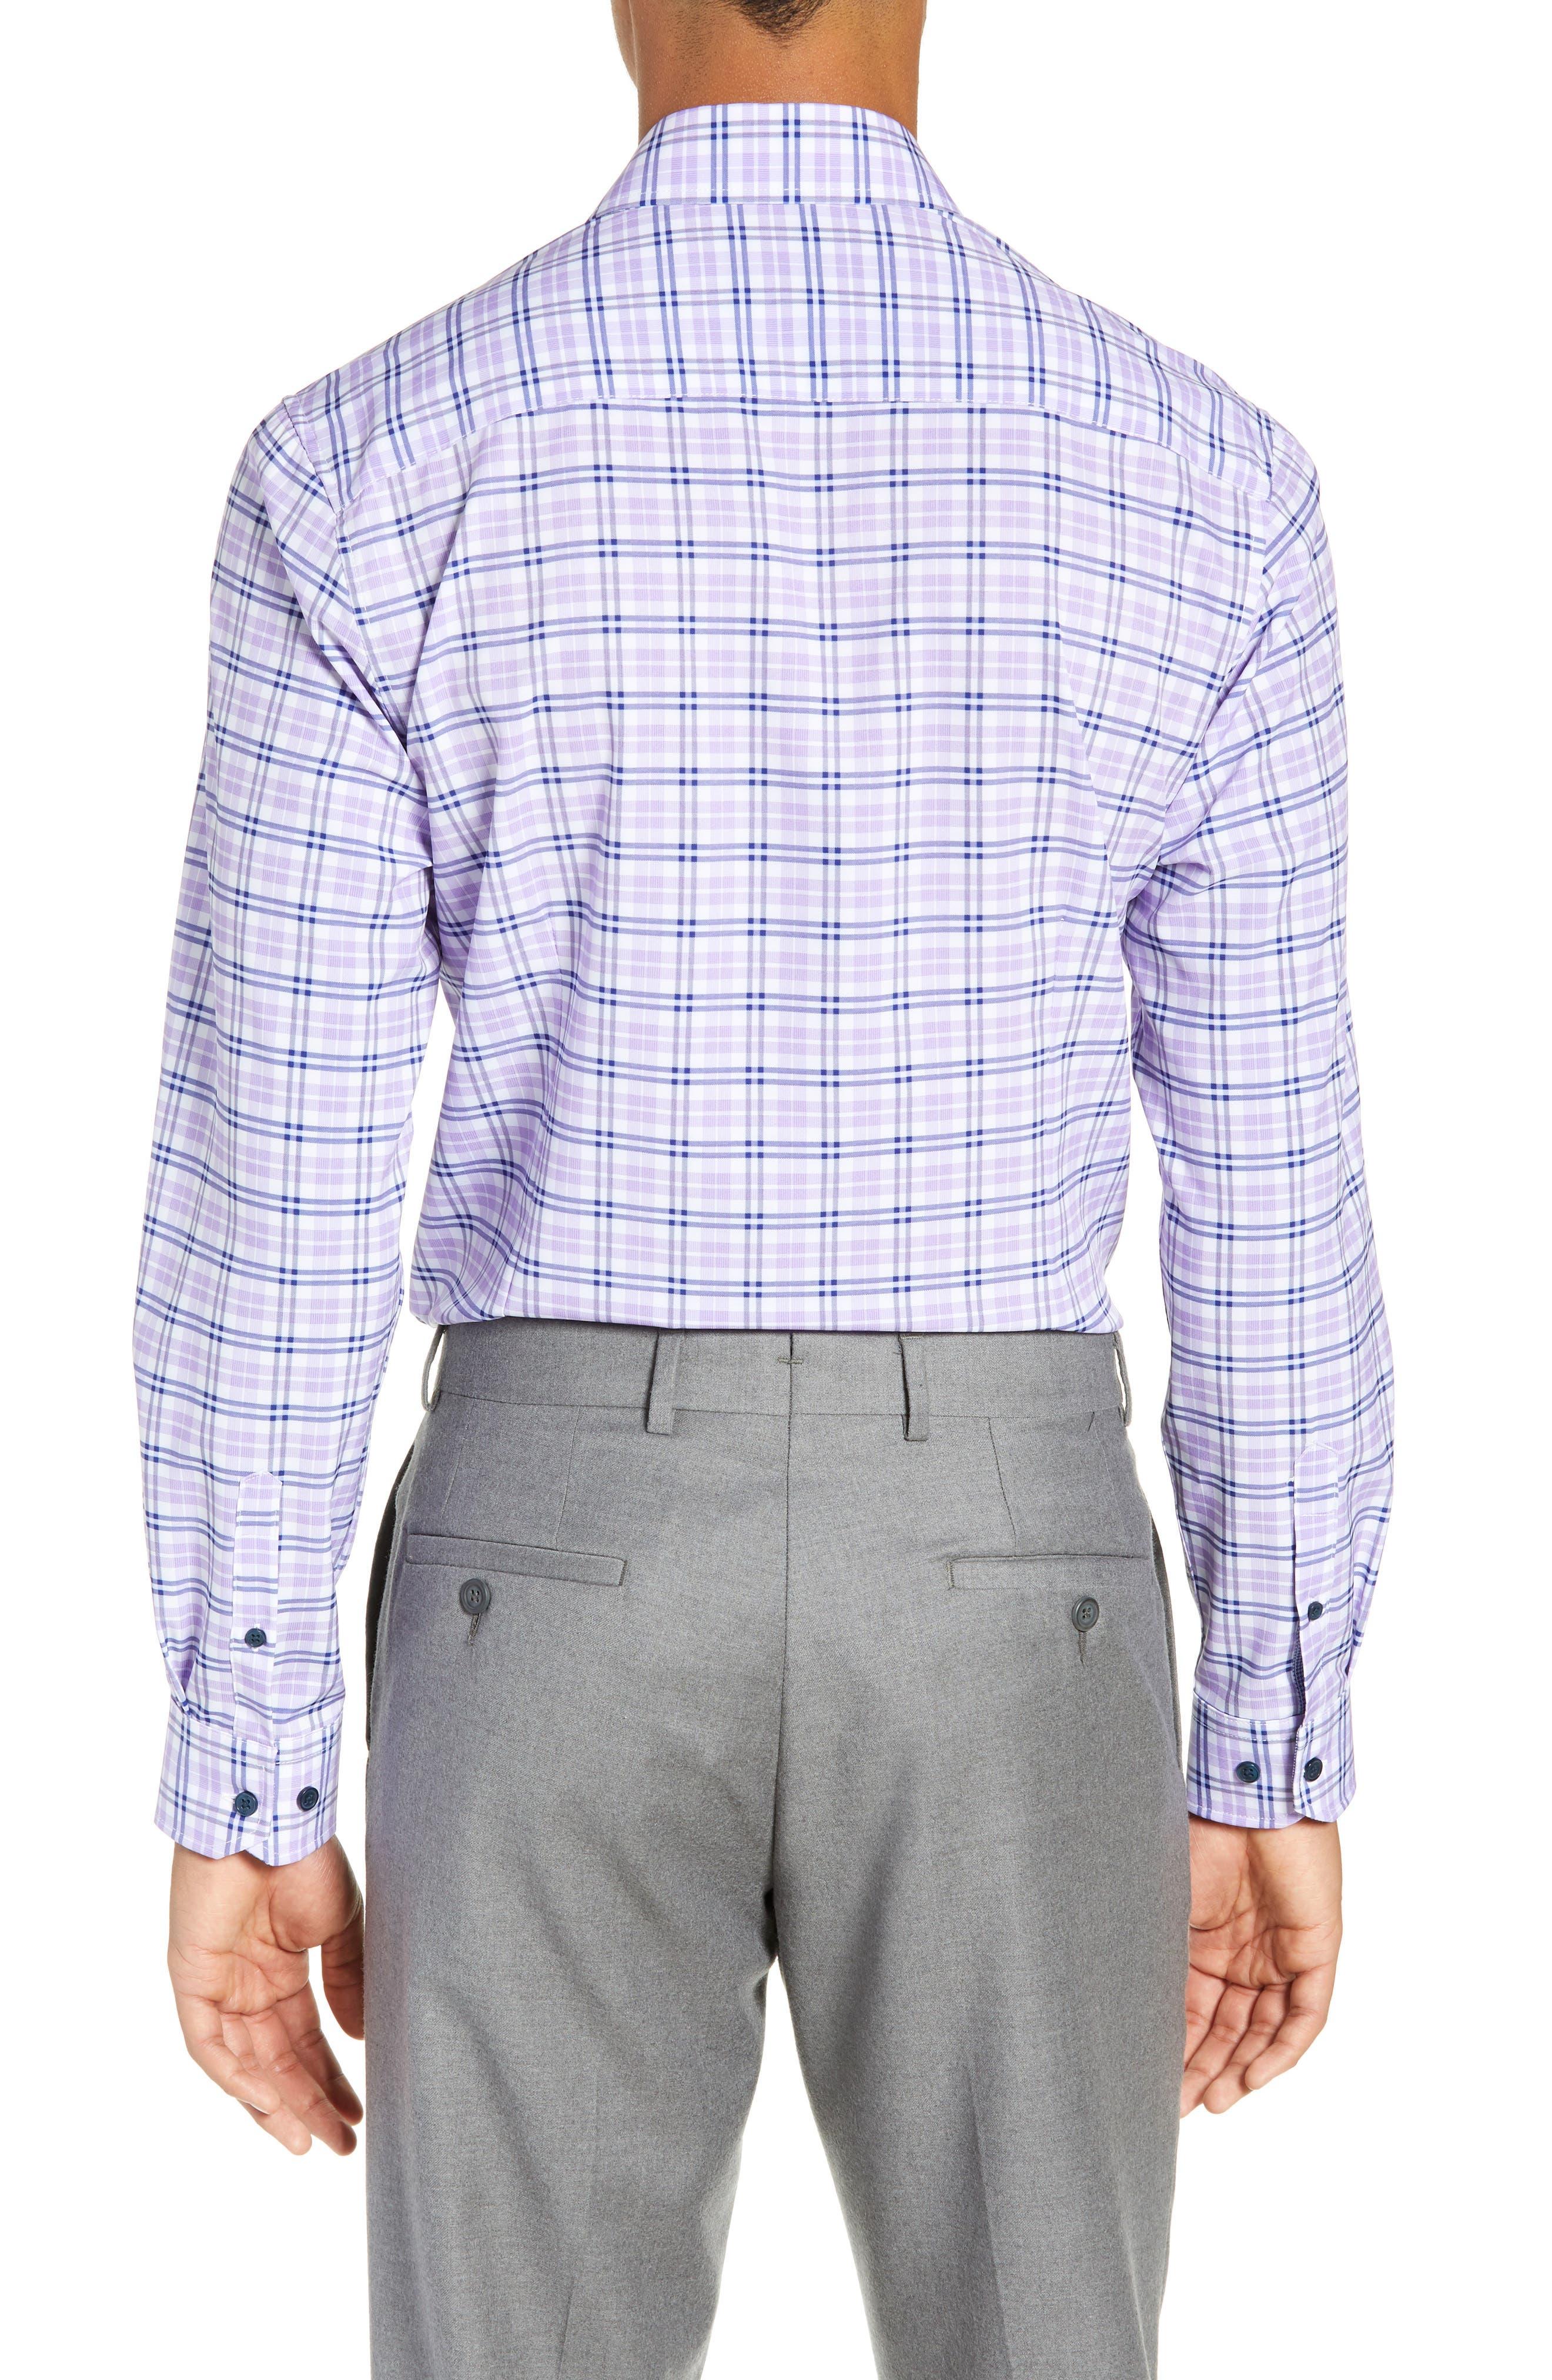 Trim Fit 4-Way Stretch Plaid Dress Shirt,                             Alternate thumbnail 3, color,                             PURPLE